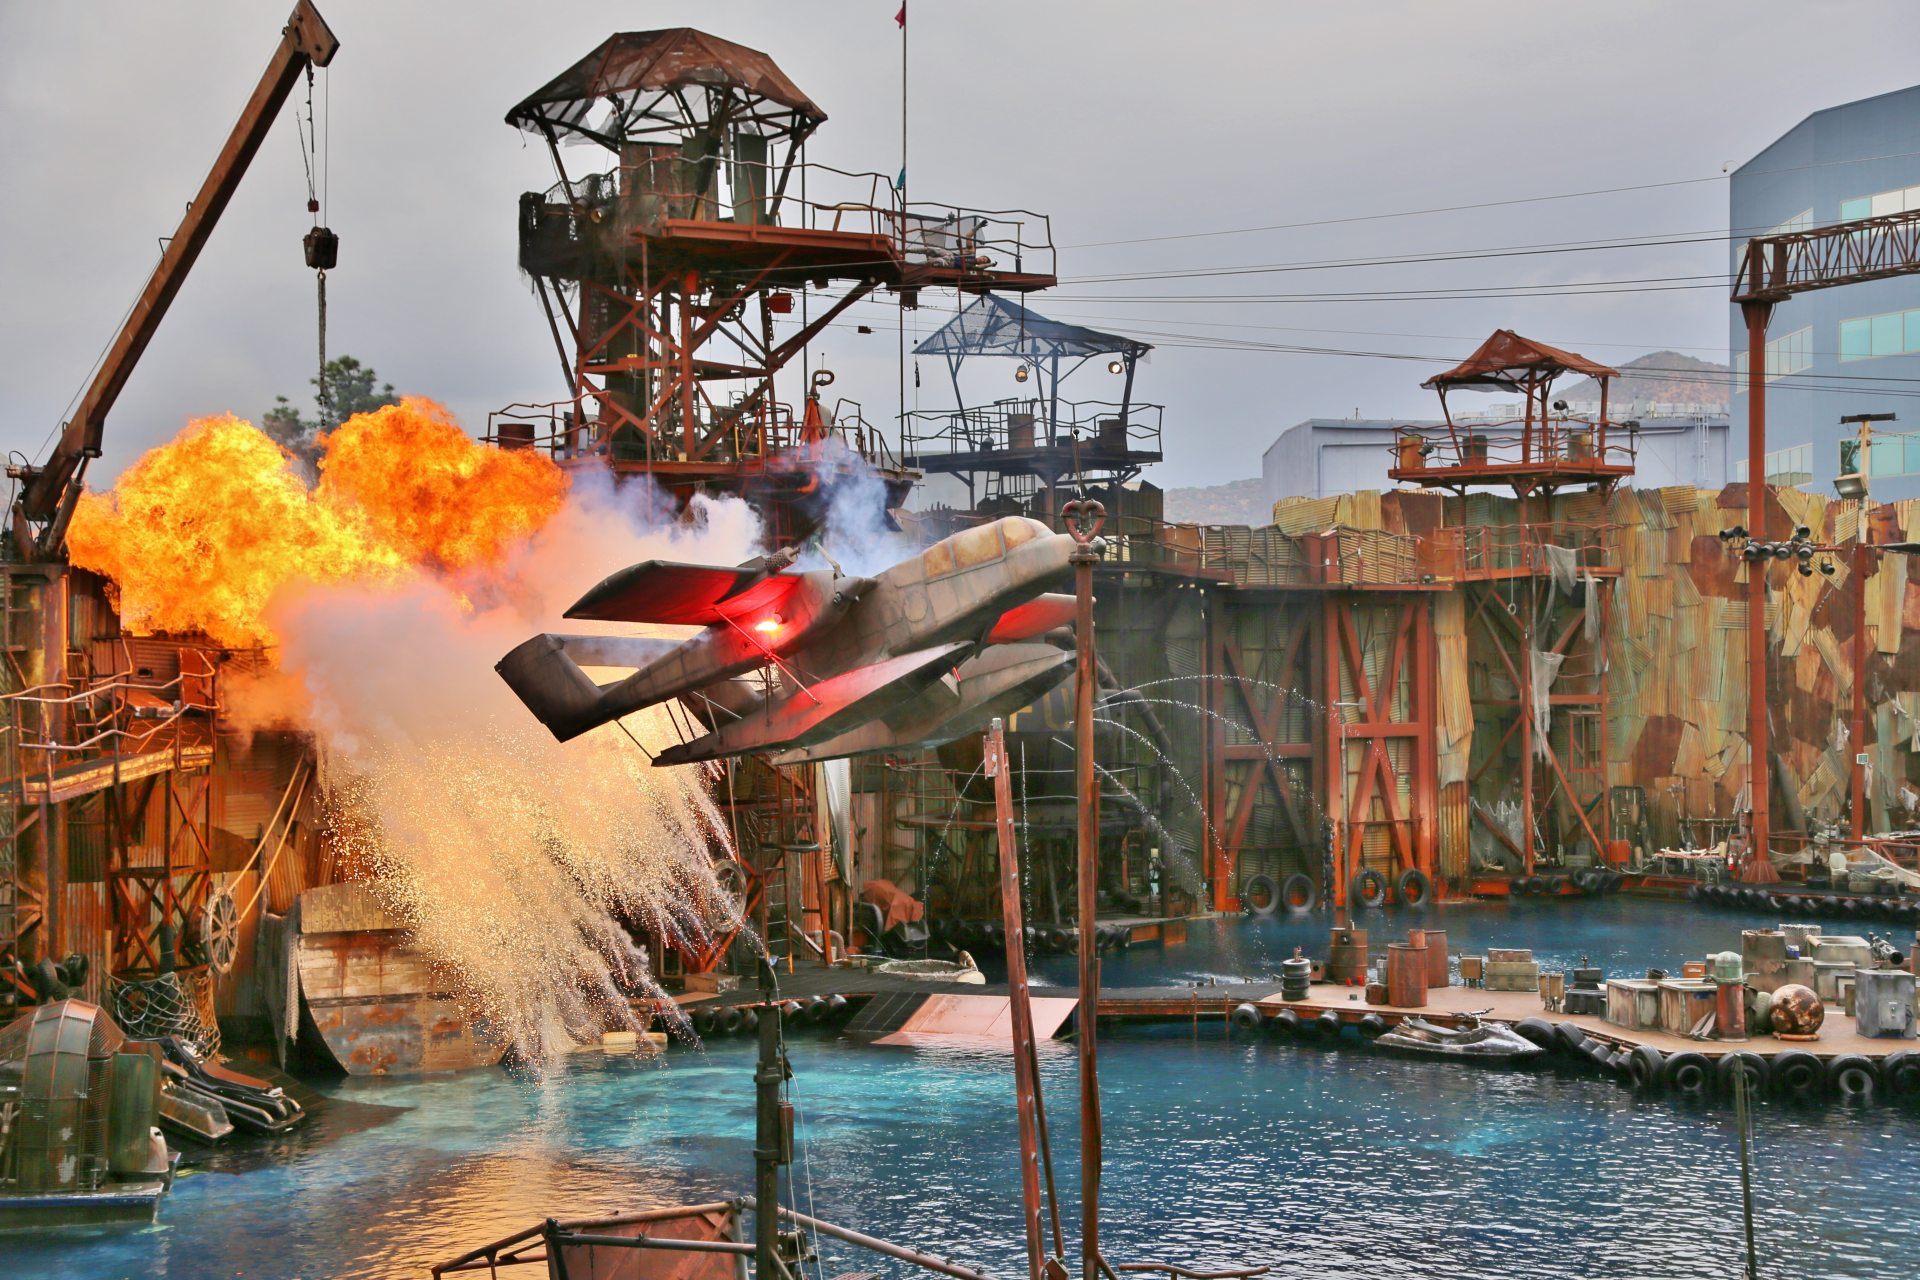 Nur Pilot Sully hätte auch noch diese Maschine landen können - Explosion, Feuer, Flugzeug, Himmel, Kalifornien, Katastrophe, Los Angeles, Stuntshow, Universal City, Universal Studios, Universal Studios Hollywood, Verwüstung, Wasserflugzeug, Waterworld, Wolken - (Universal City, California, Vereinigte Staaten)